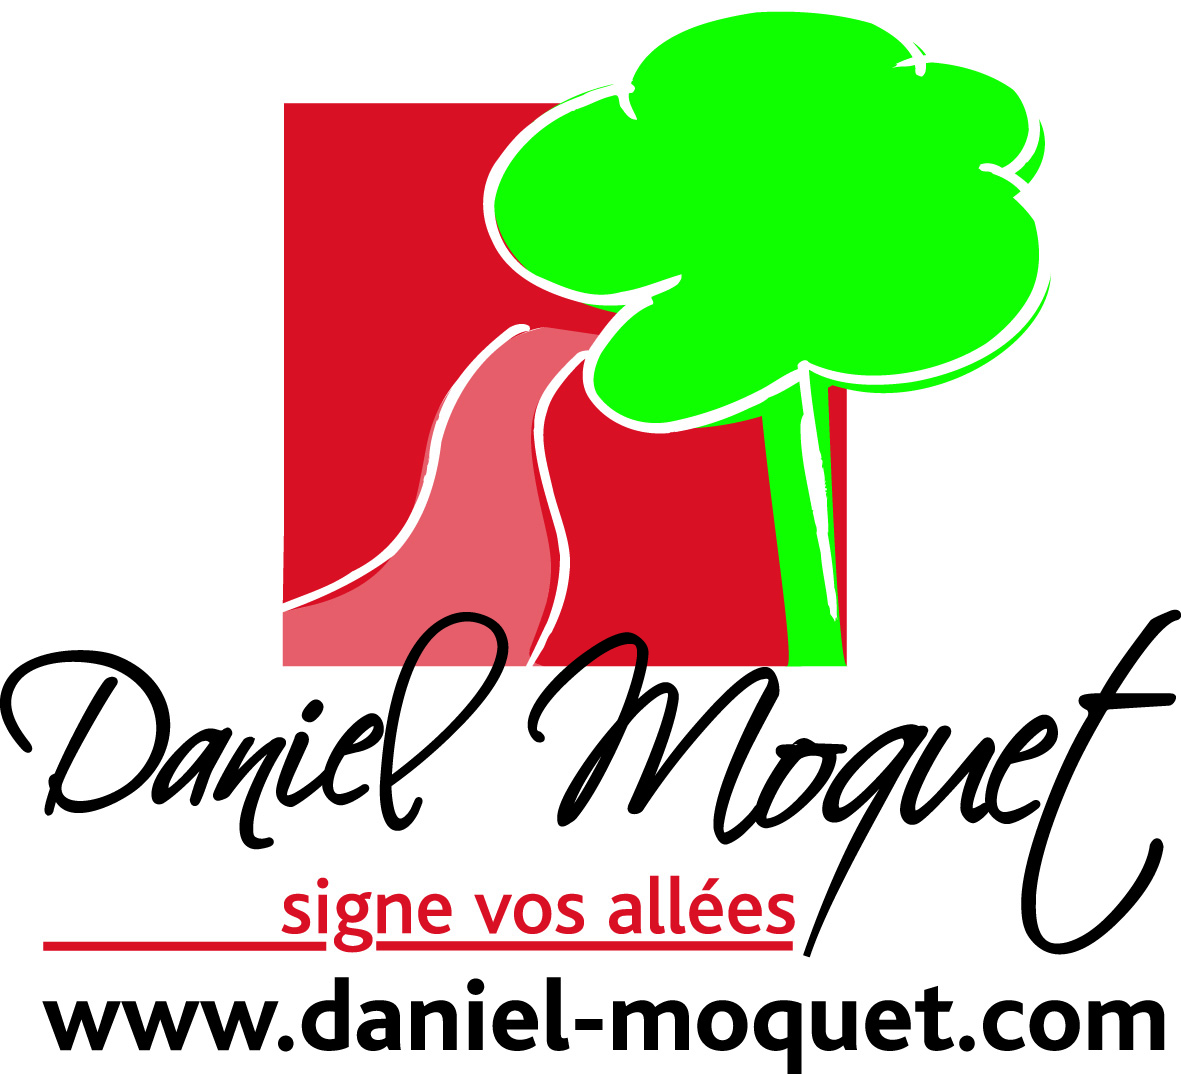 Daniel Moquet signe vos allées - Ent. Andrieux